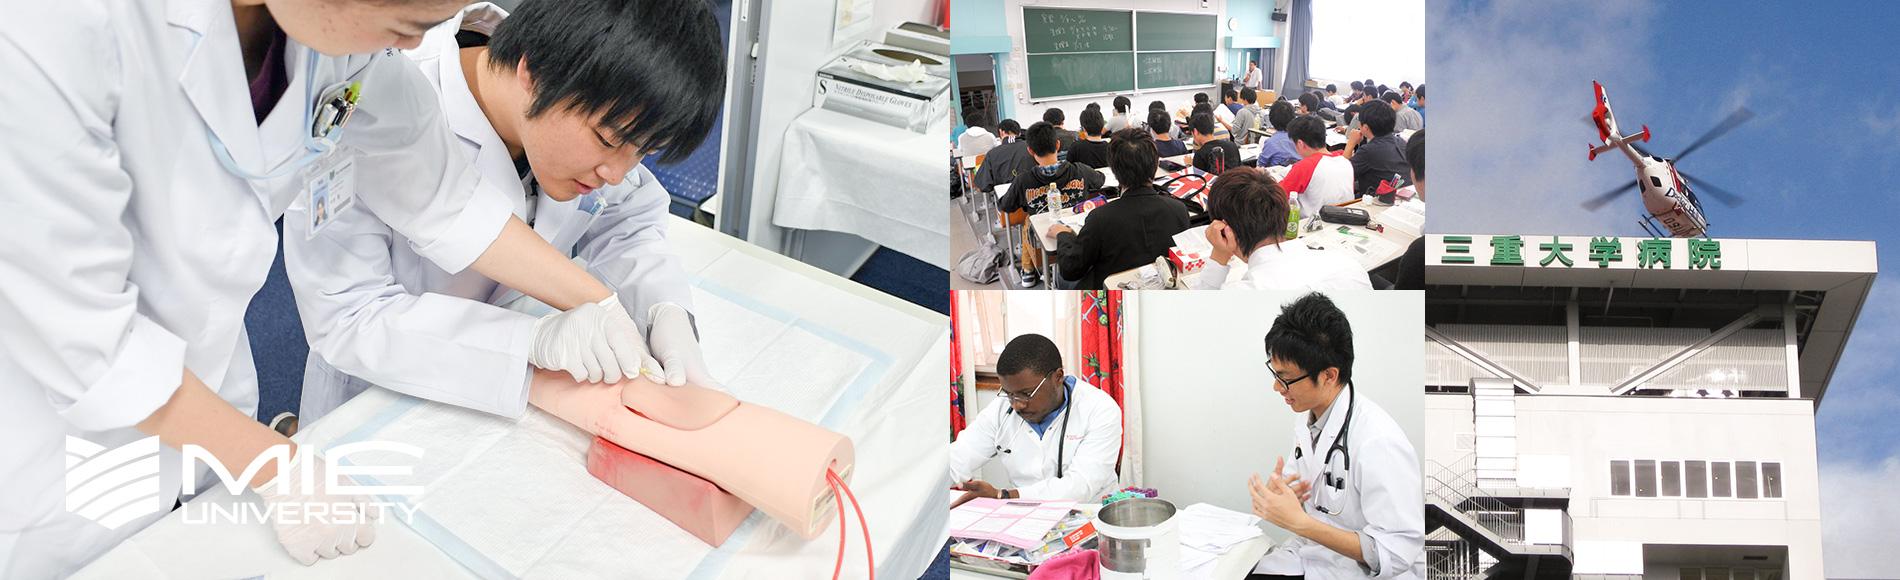 三重大学医学部医学科   トップページ